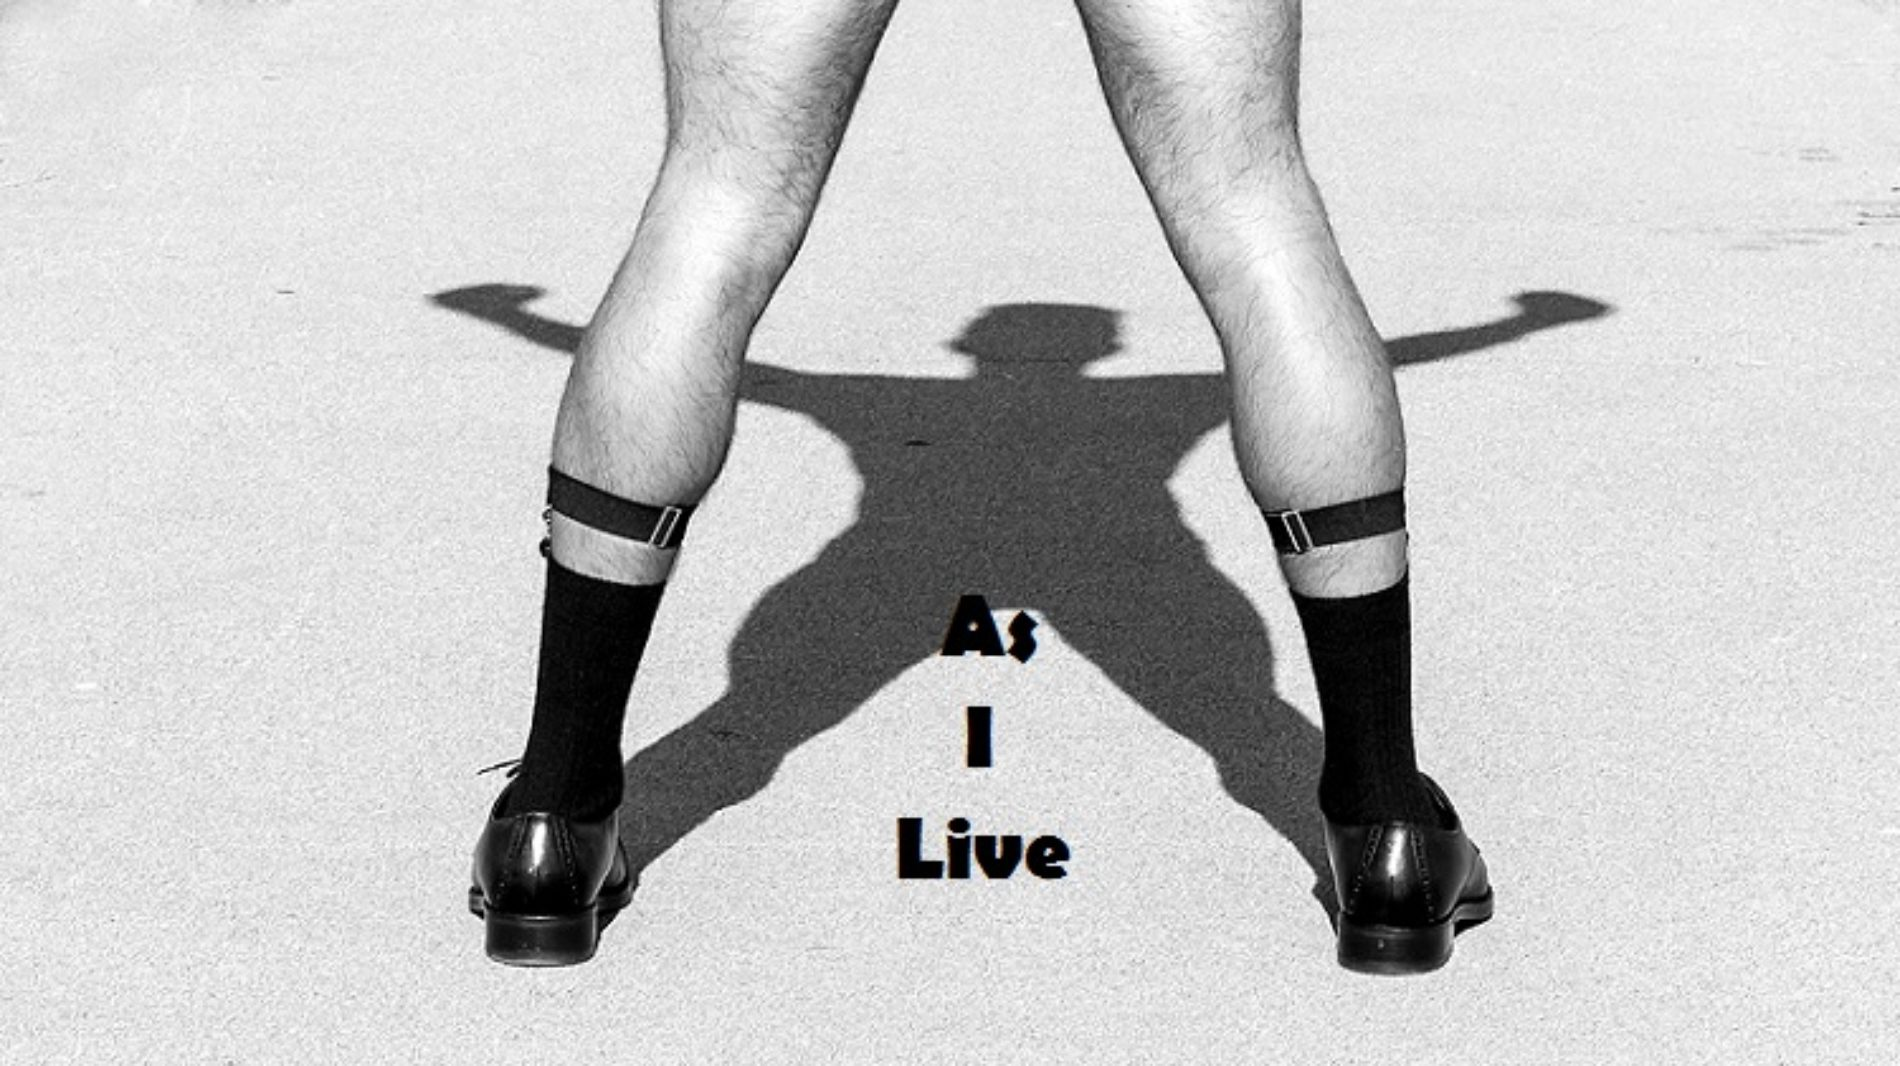 AS I LIVE: 5 (Fickle Hearts)